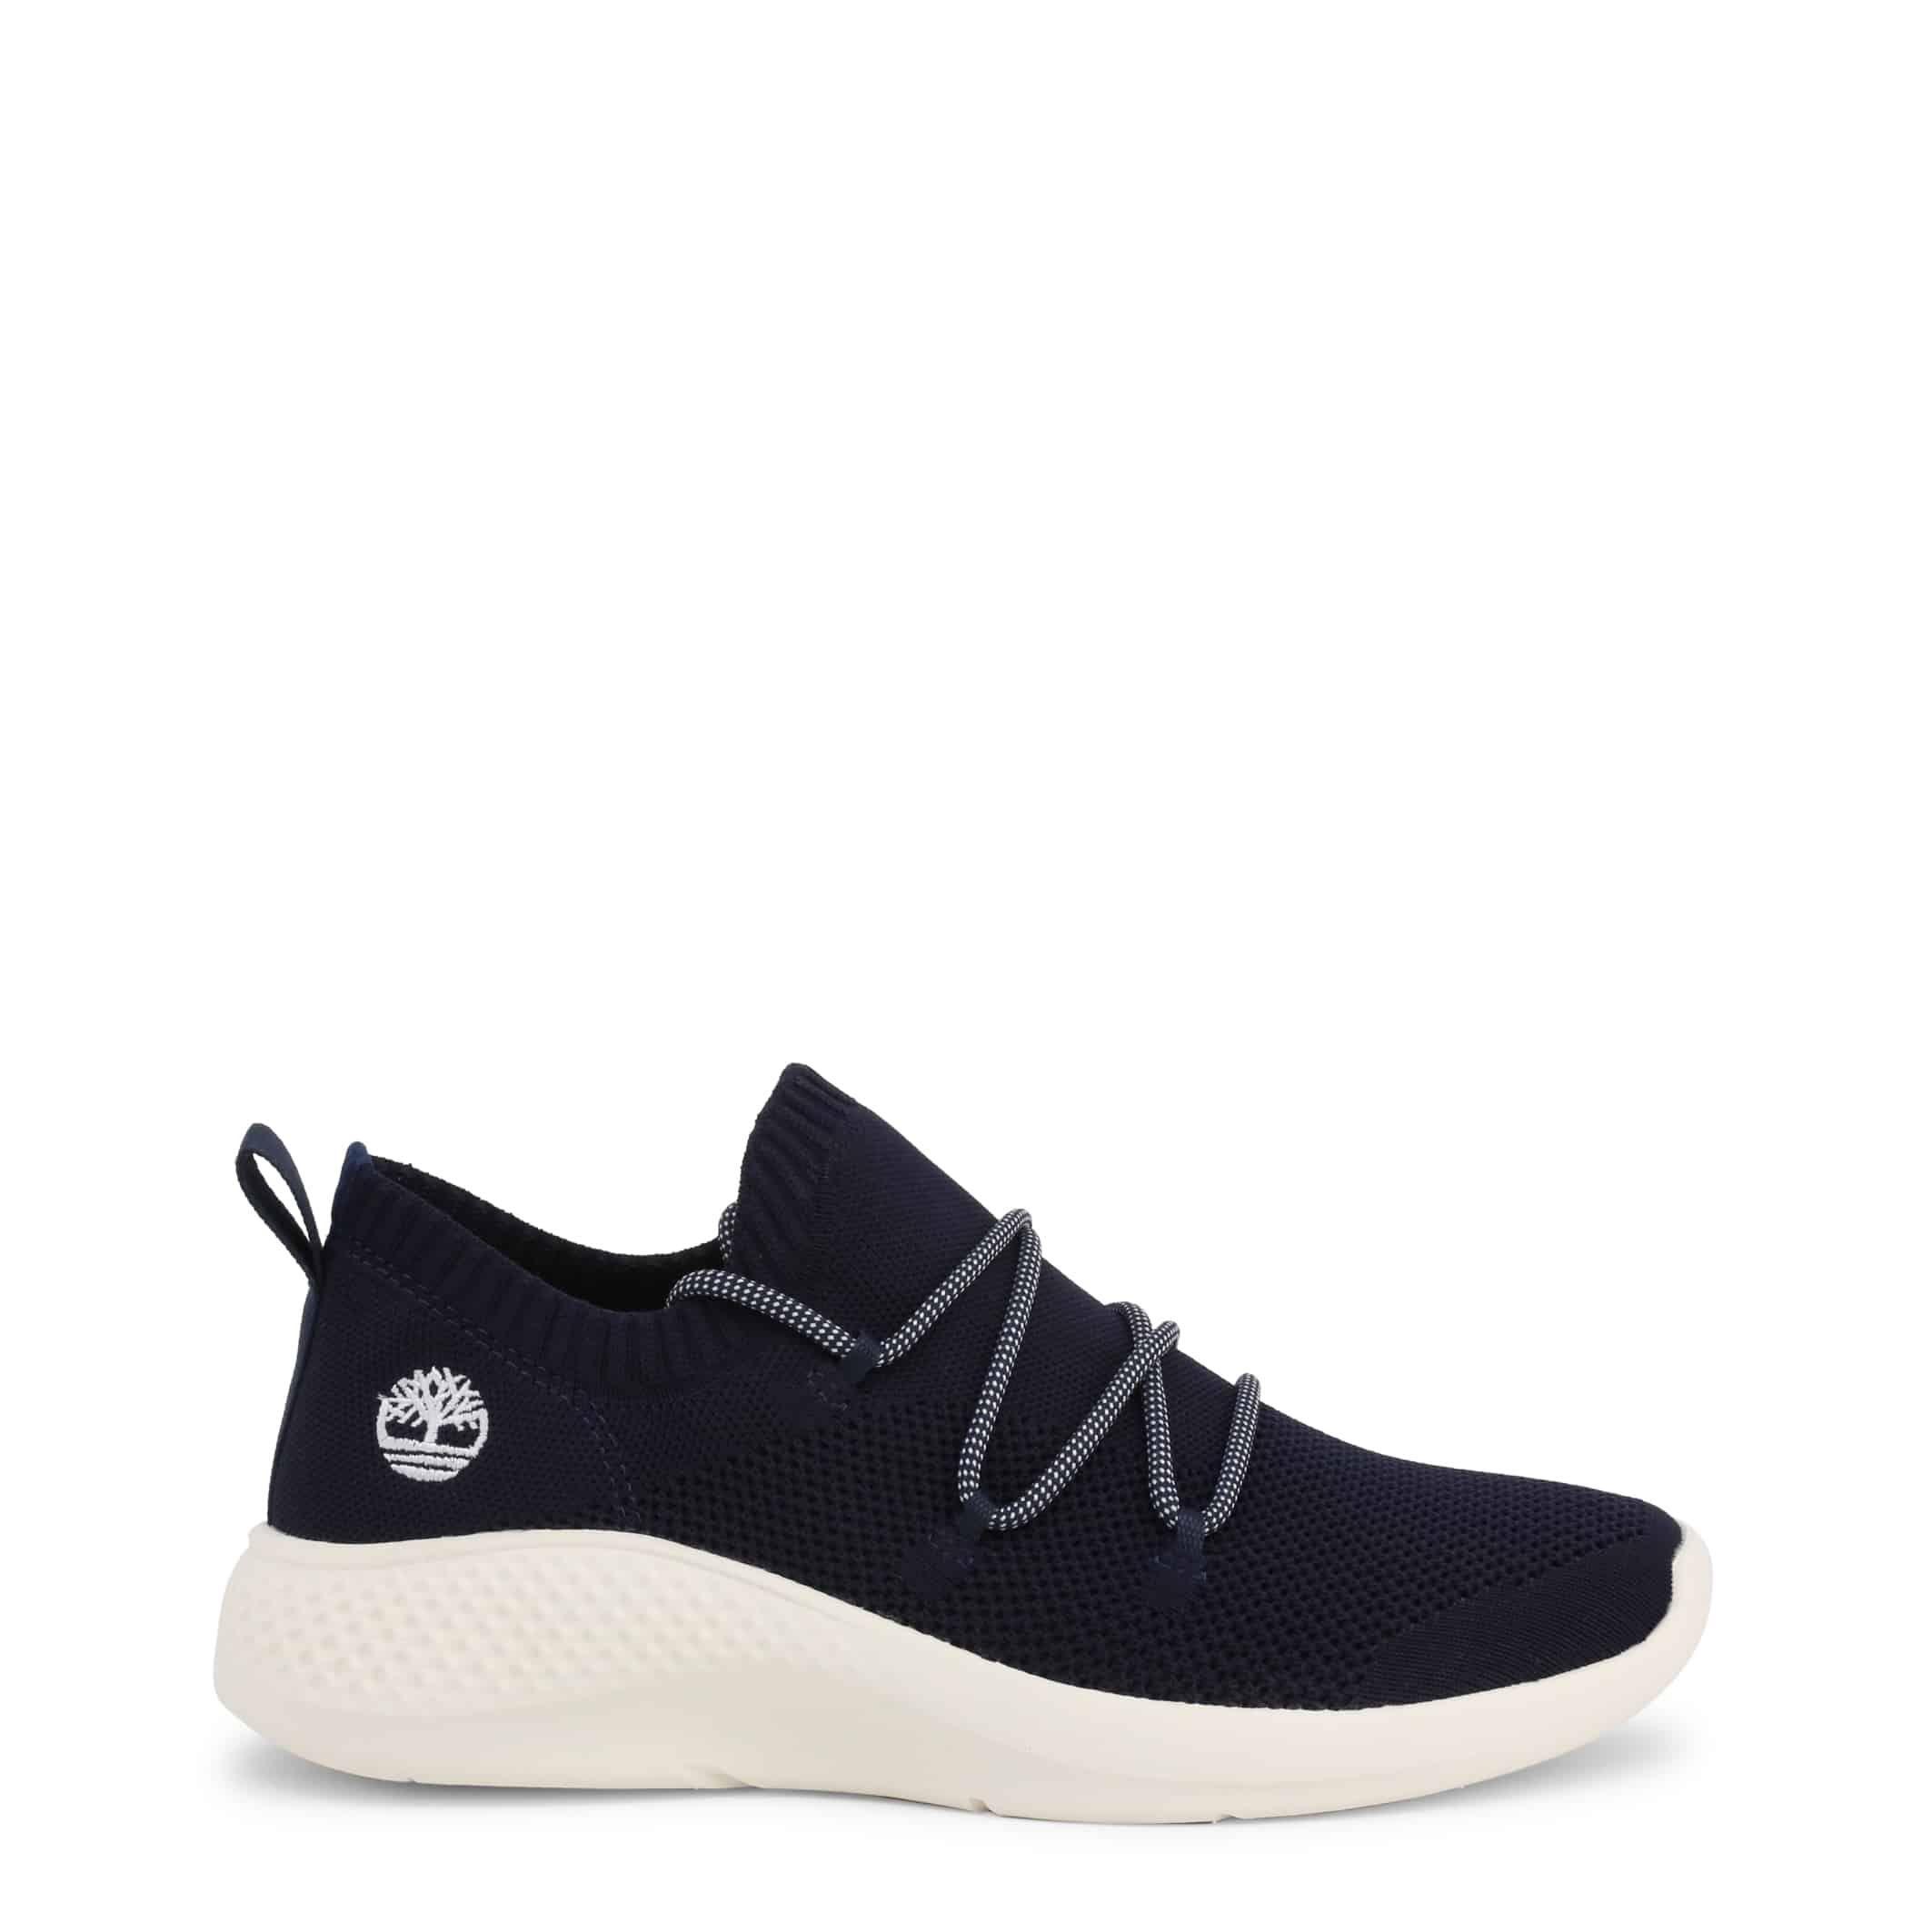 Schuhe Timberland – FlyRoam_A1XP80 – Blau